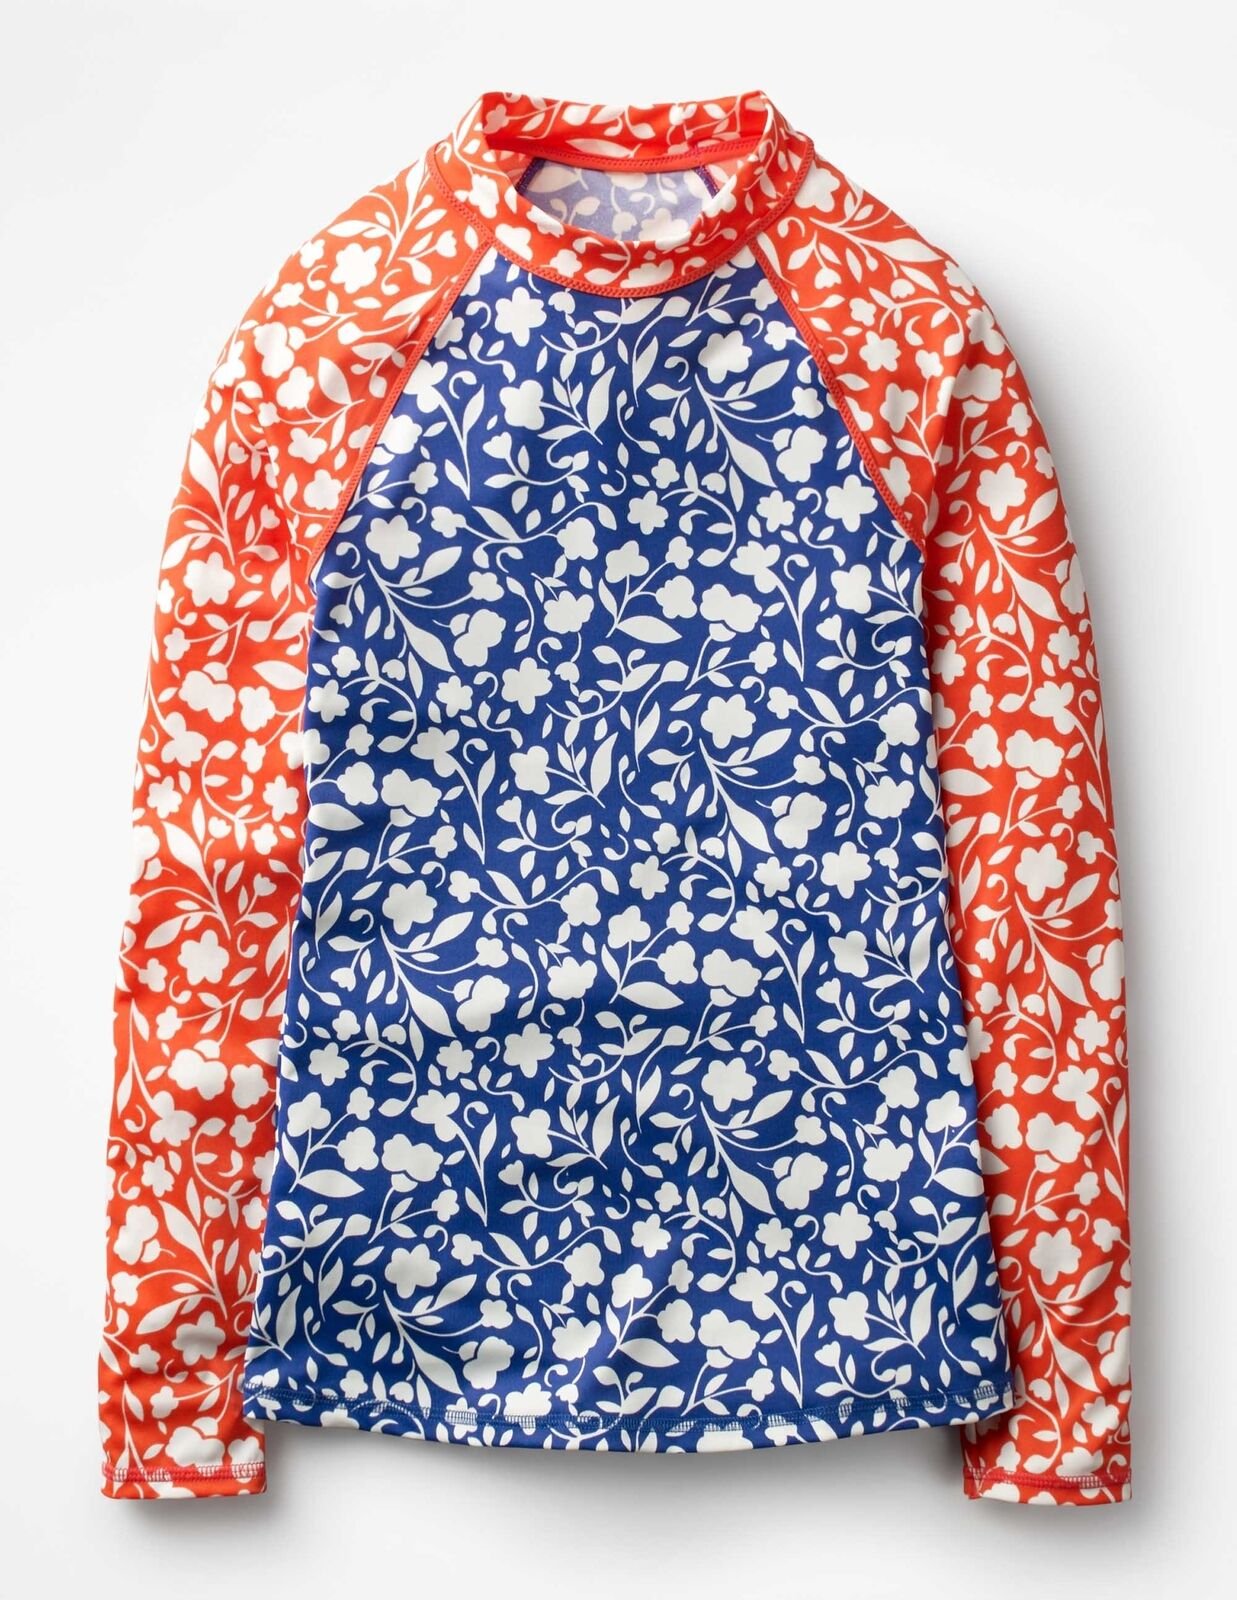 NWOT Women's BODEN BODEN BODEN US 14 Swim Sun Shirt Rash Guard bluee Pink Floral Hotchpotch fd32dd